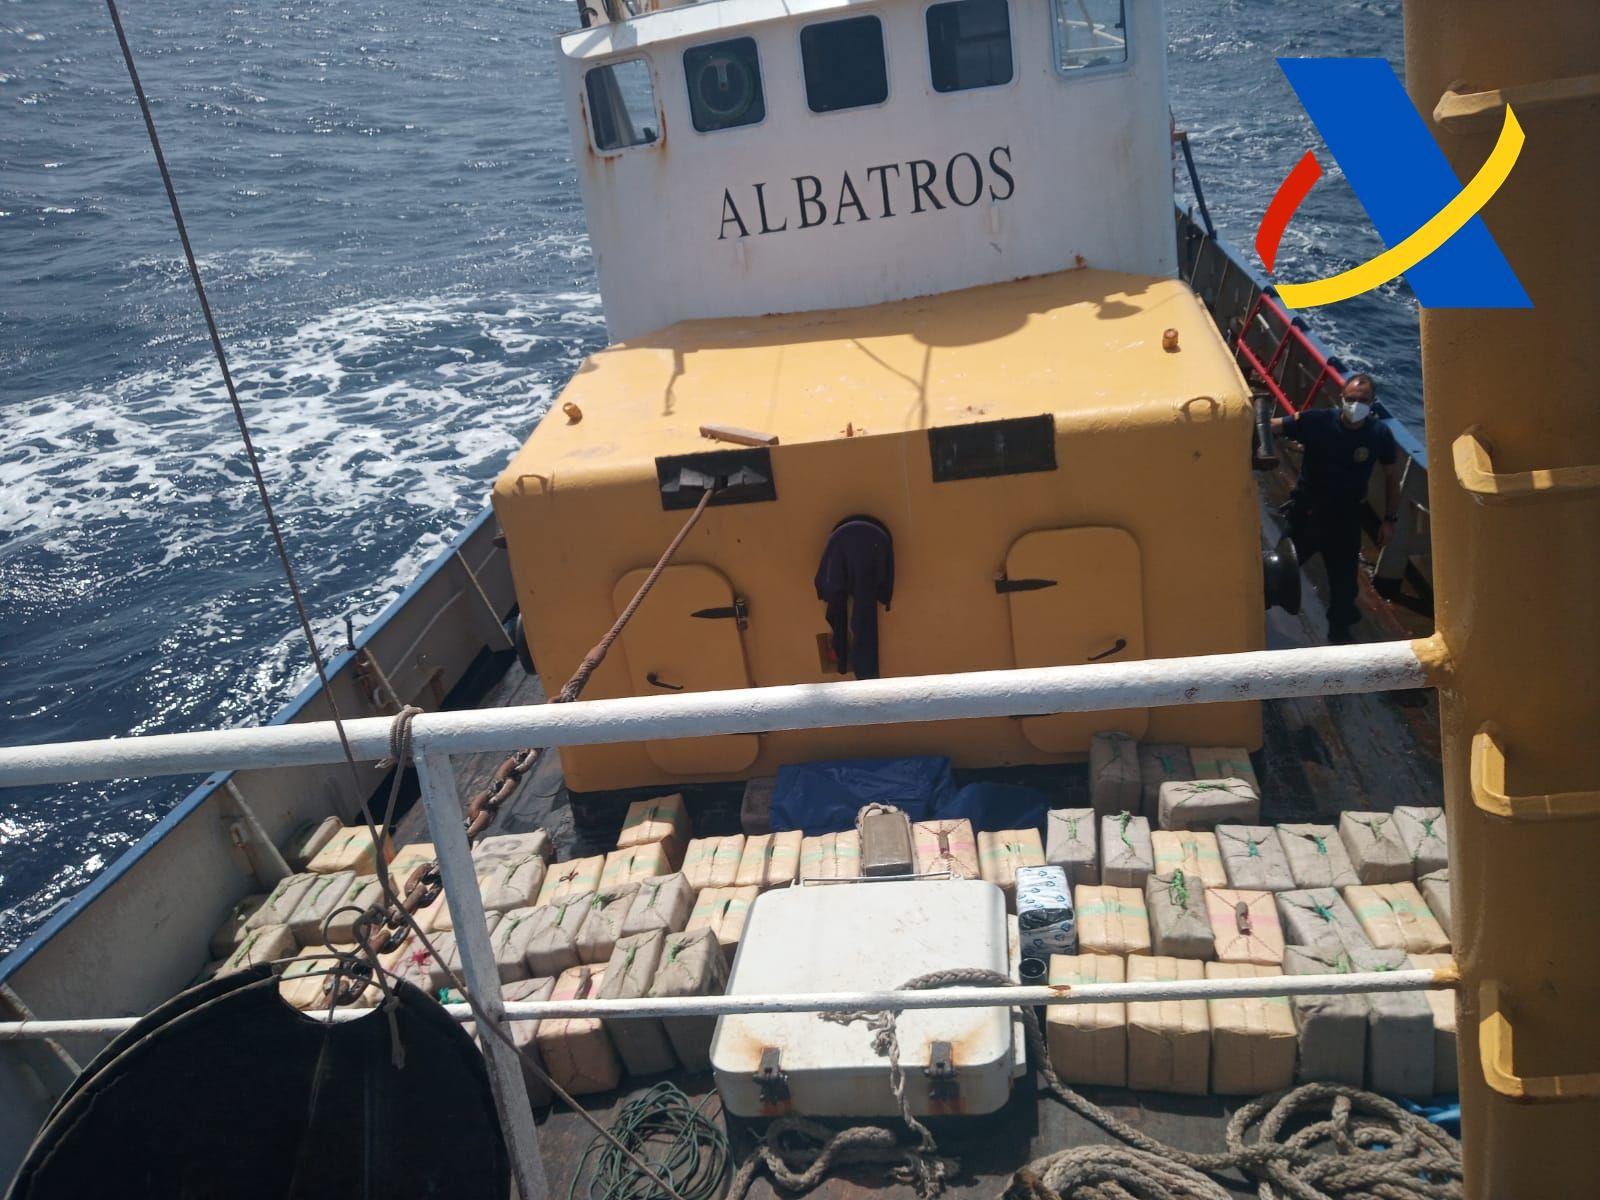 El 'Albatros', el barco de las 18.000 toneladas de hachís